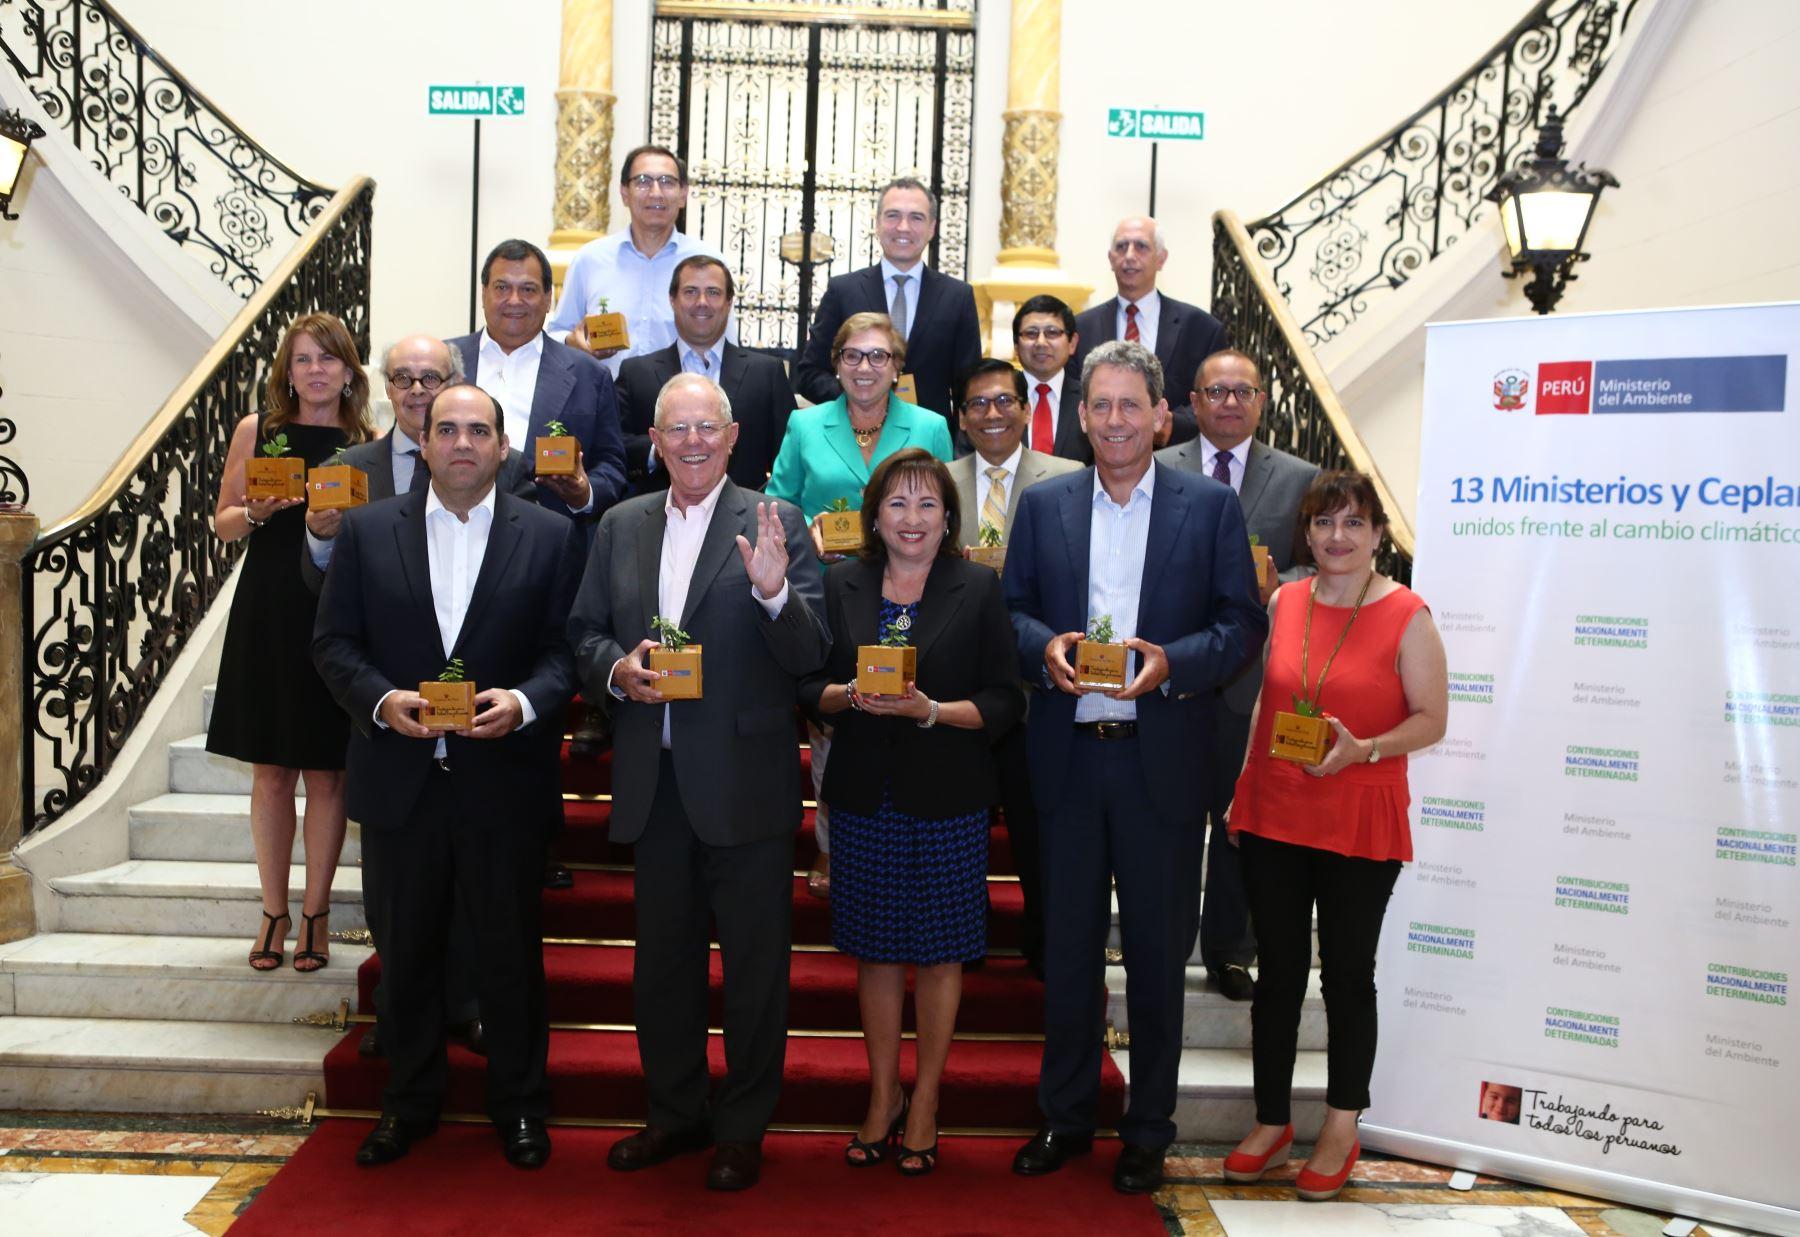 Gobierno reúne a 13 ministerios y Ceplan para hacer frente al cambio climático.